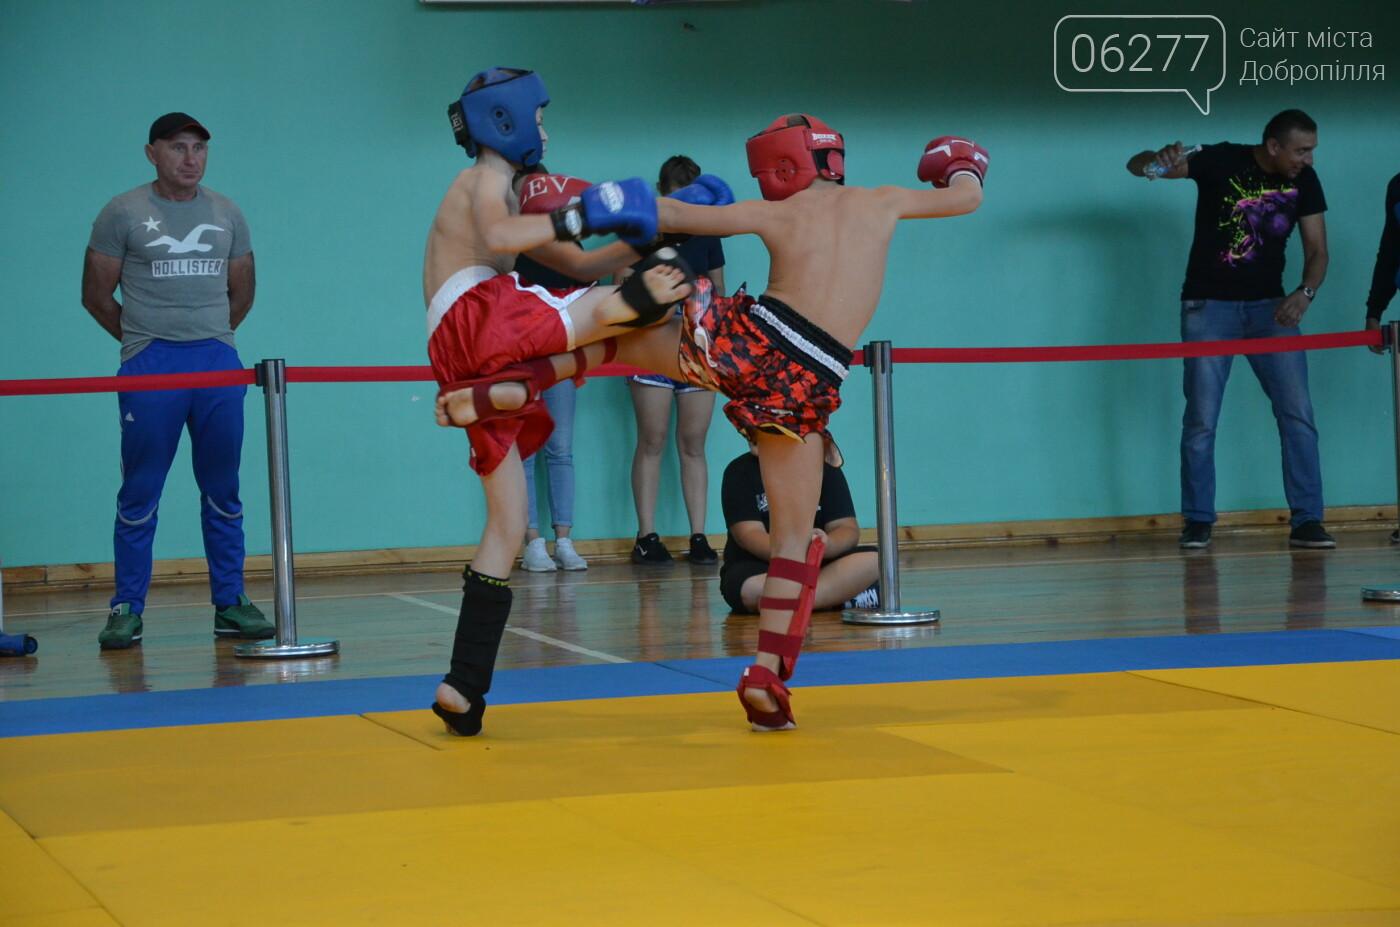 Турнір з кікбоксингу відбувся у Палаці спорту Добропілля, фото-2